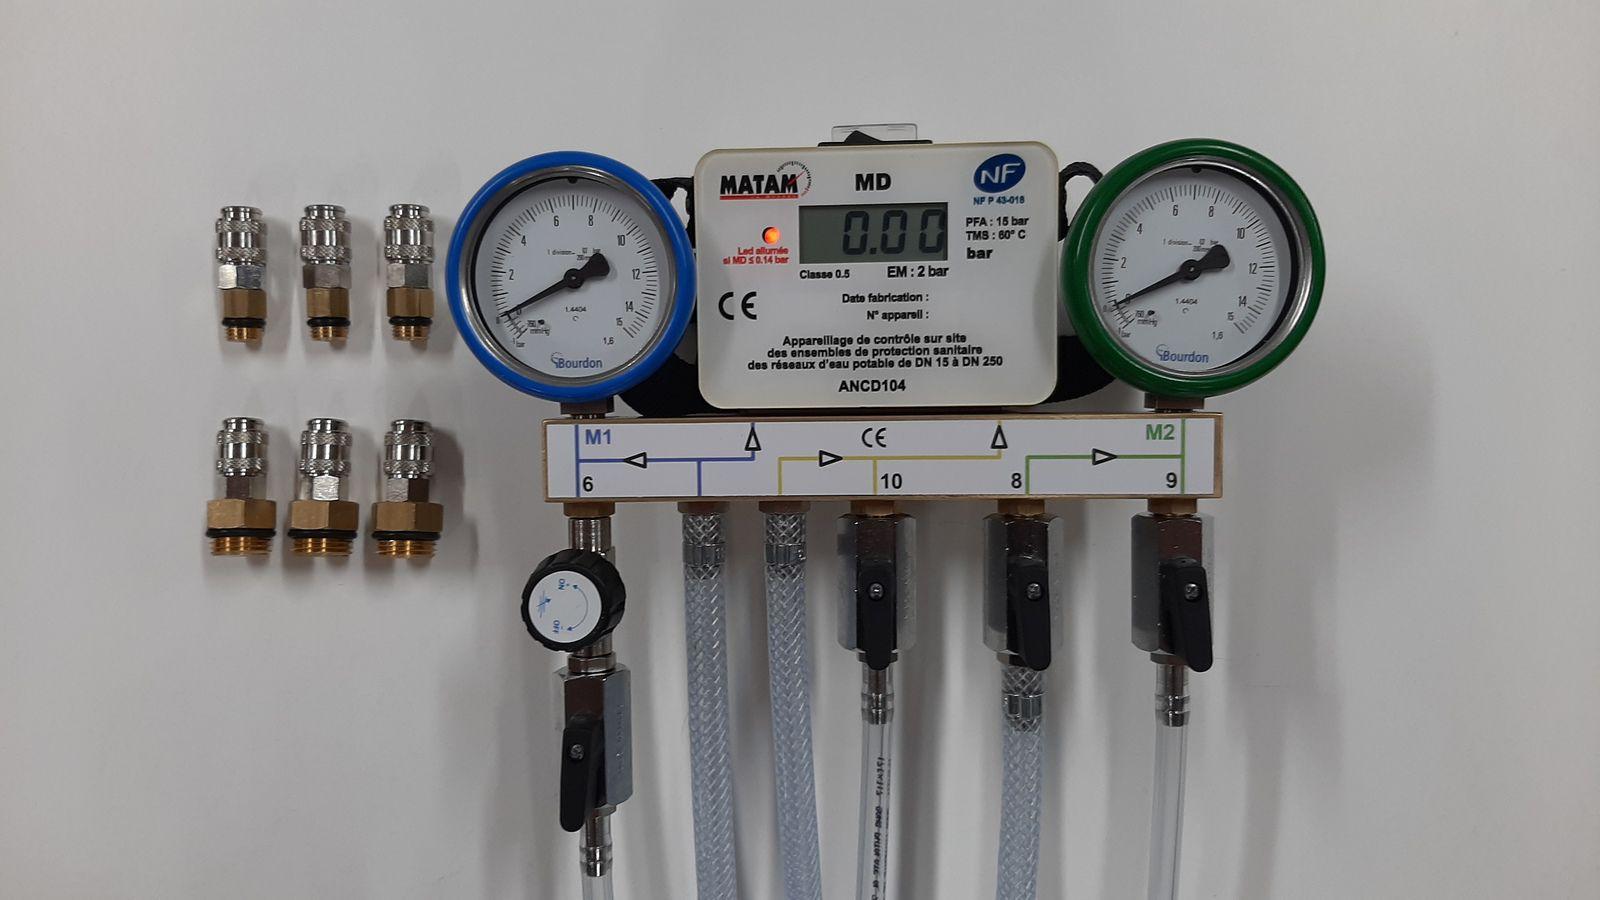 Appareil de contrôle de disconnecteur ANCD104 NF